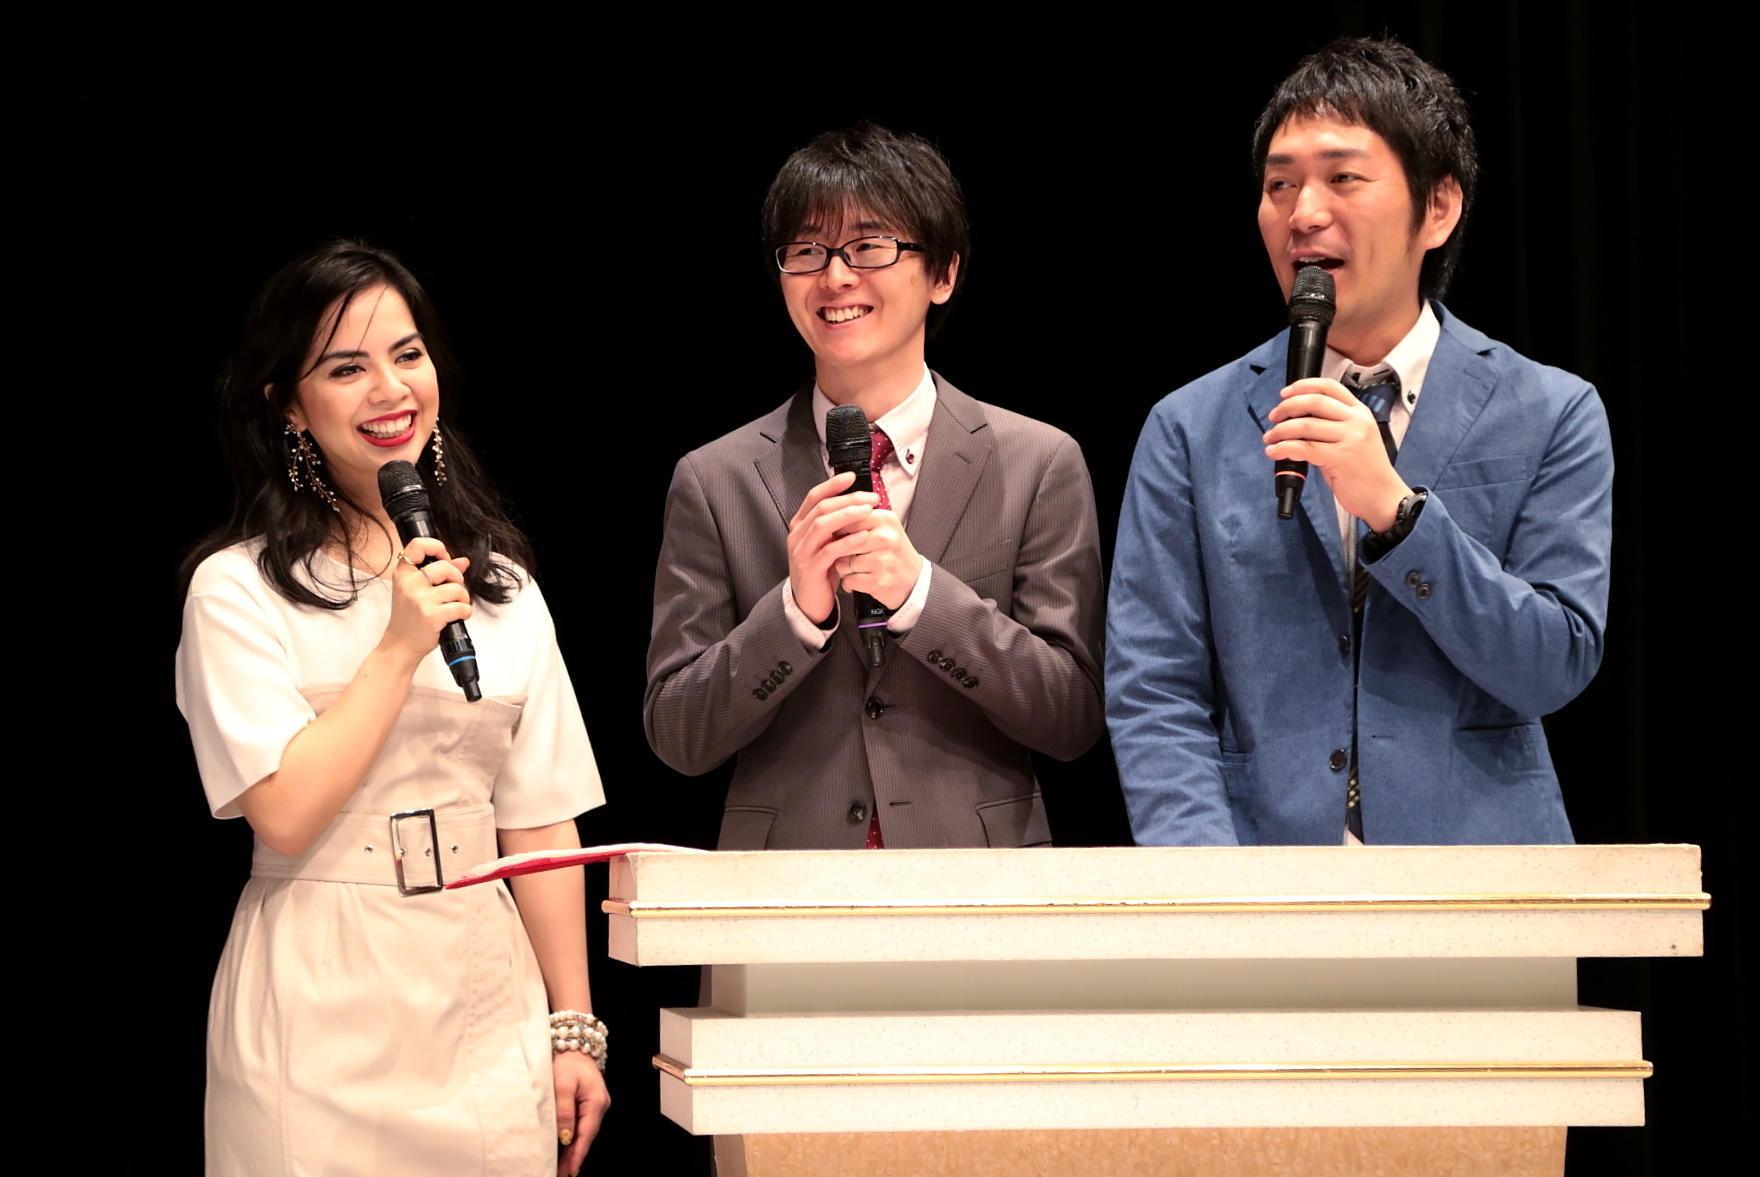 http://news.yoshimoto.co.jp/20180417125209-cf1d8b192e566921cc0425e5118f6b5d000305af.jpg